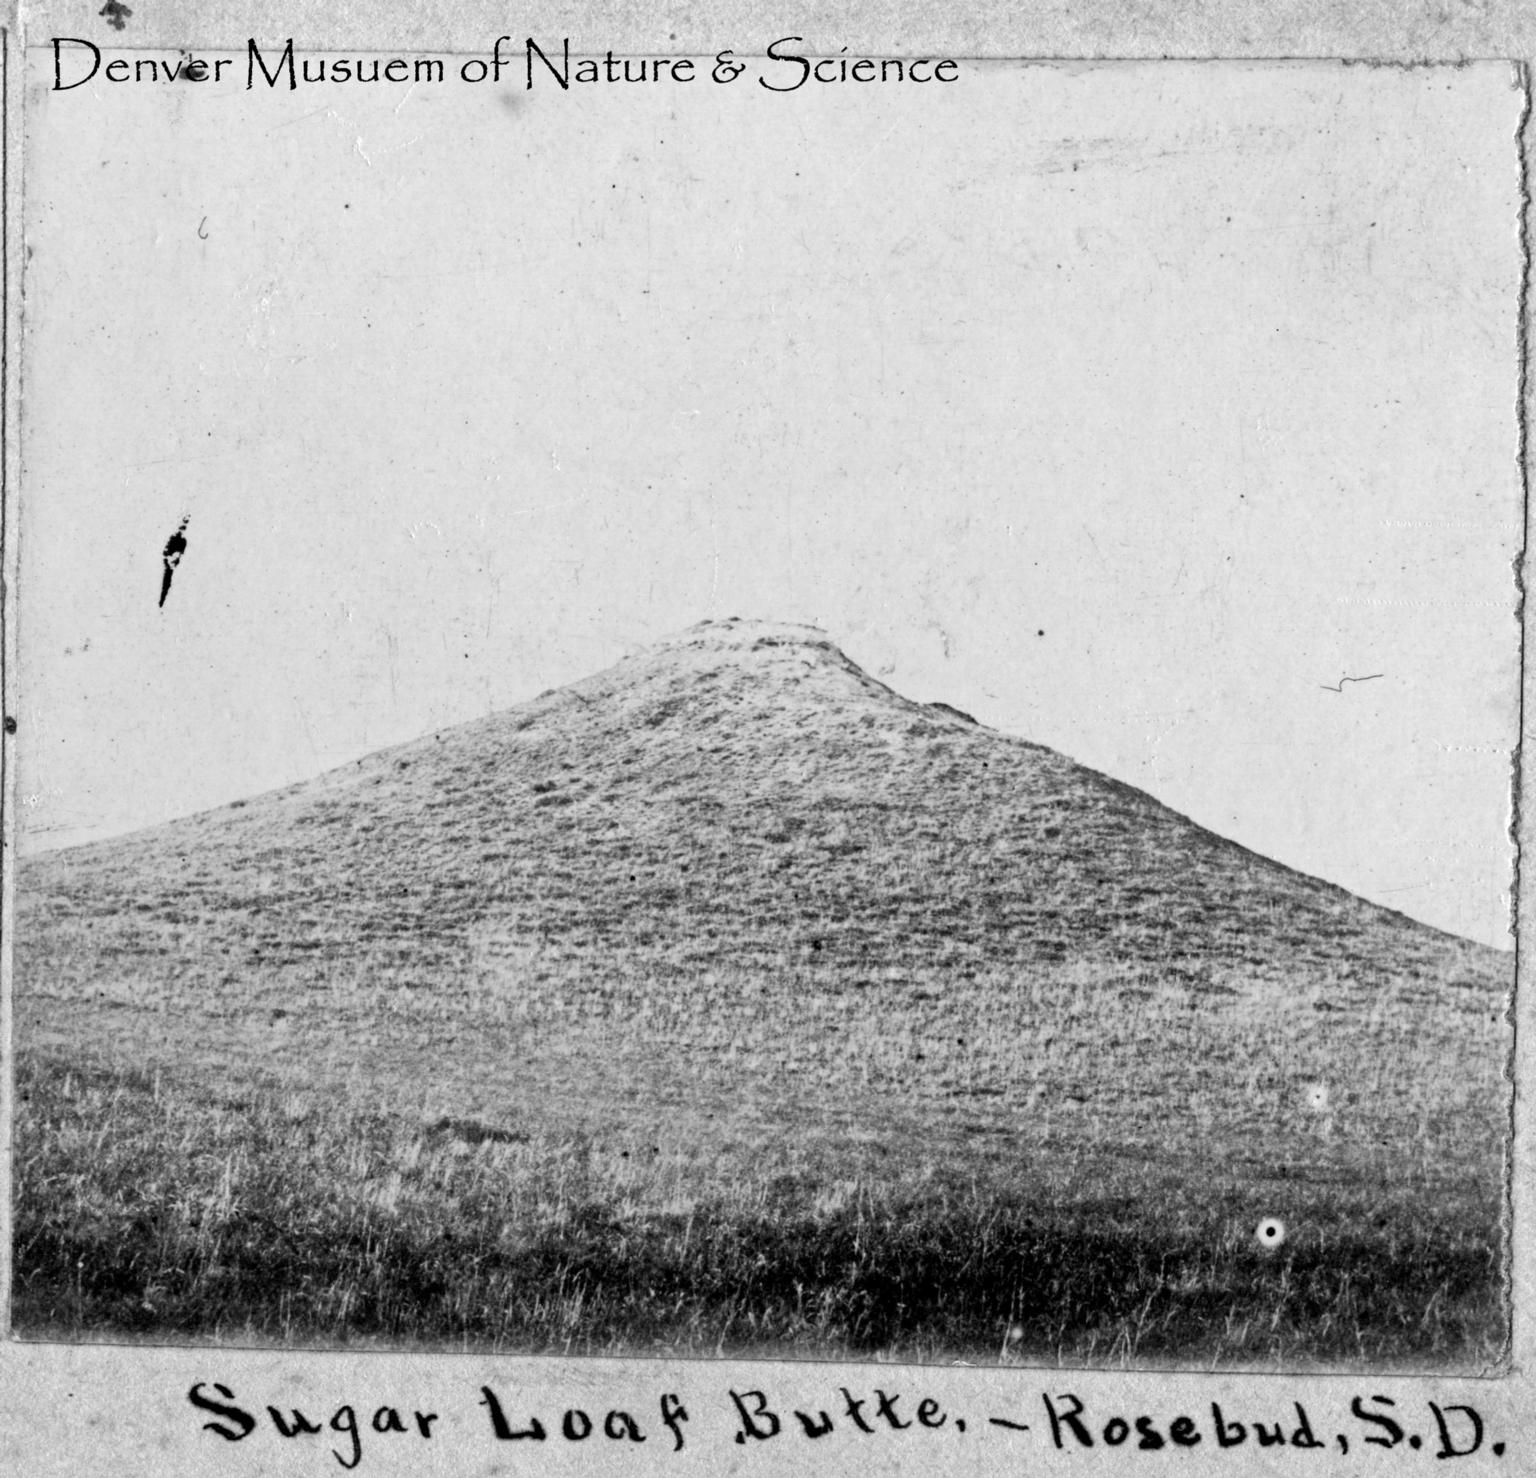 Sugar Loaf Butte